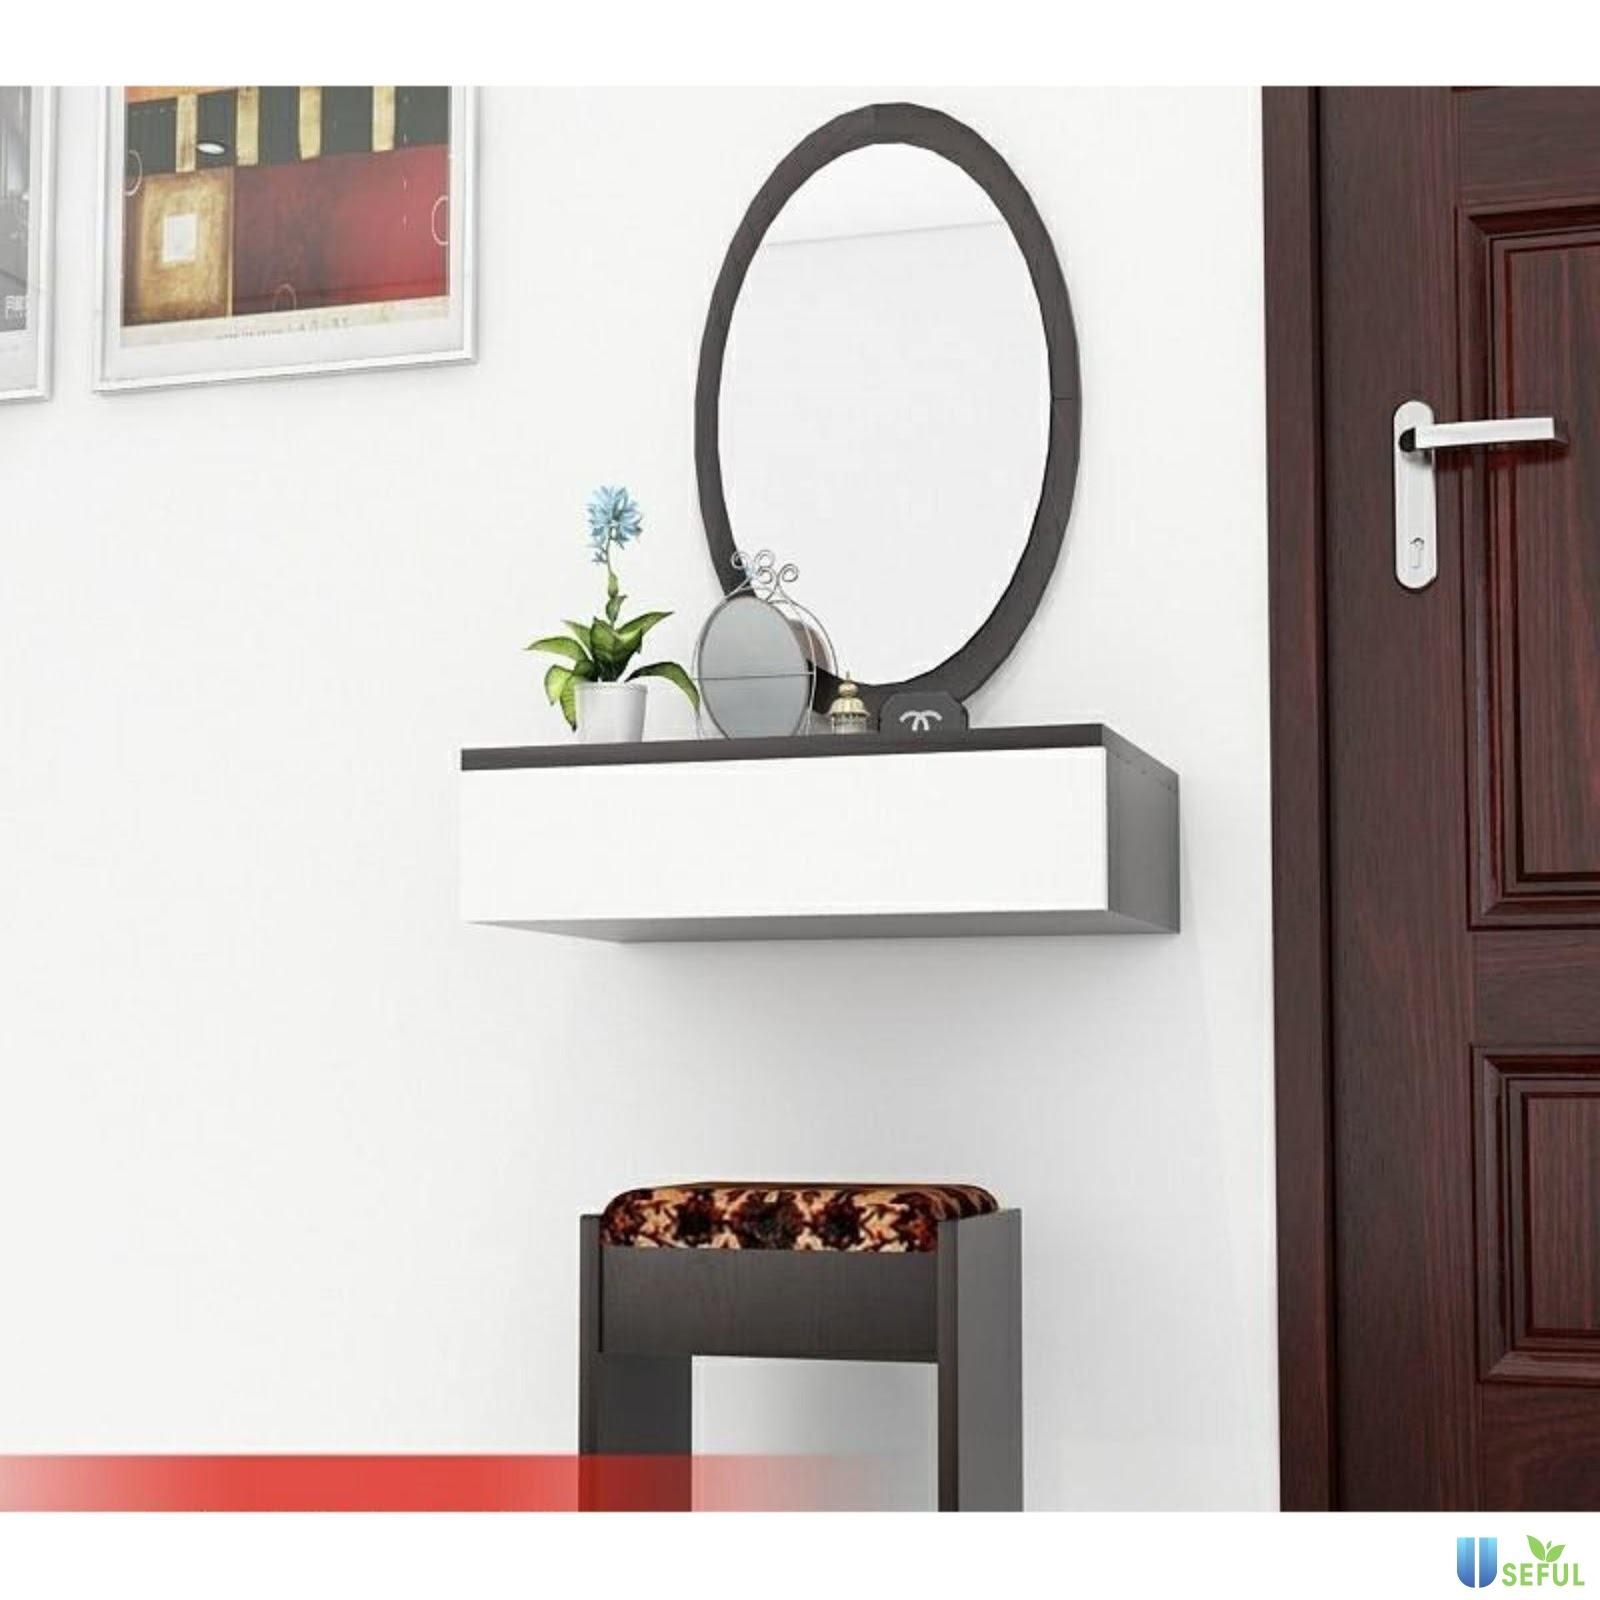 Bàn trang điểm gỗ MDF với kiểu dáng hiện đại, thiết kế màu trắng vừa nhã nhặn vừa xinh xắn